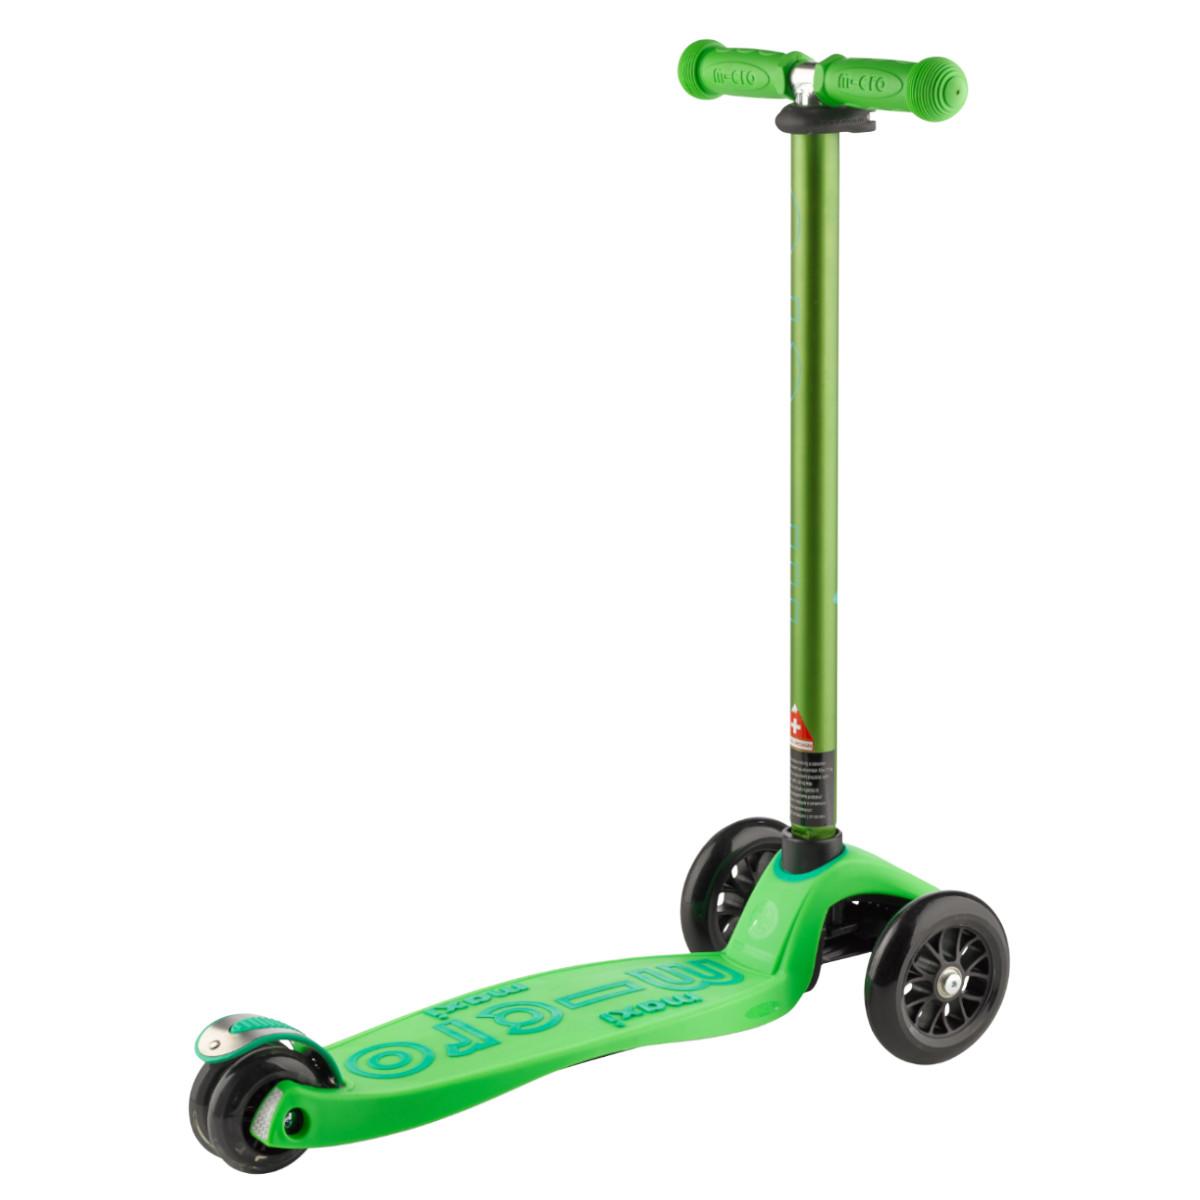 Maxi Micro Deluxe Green - 04